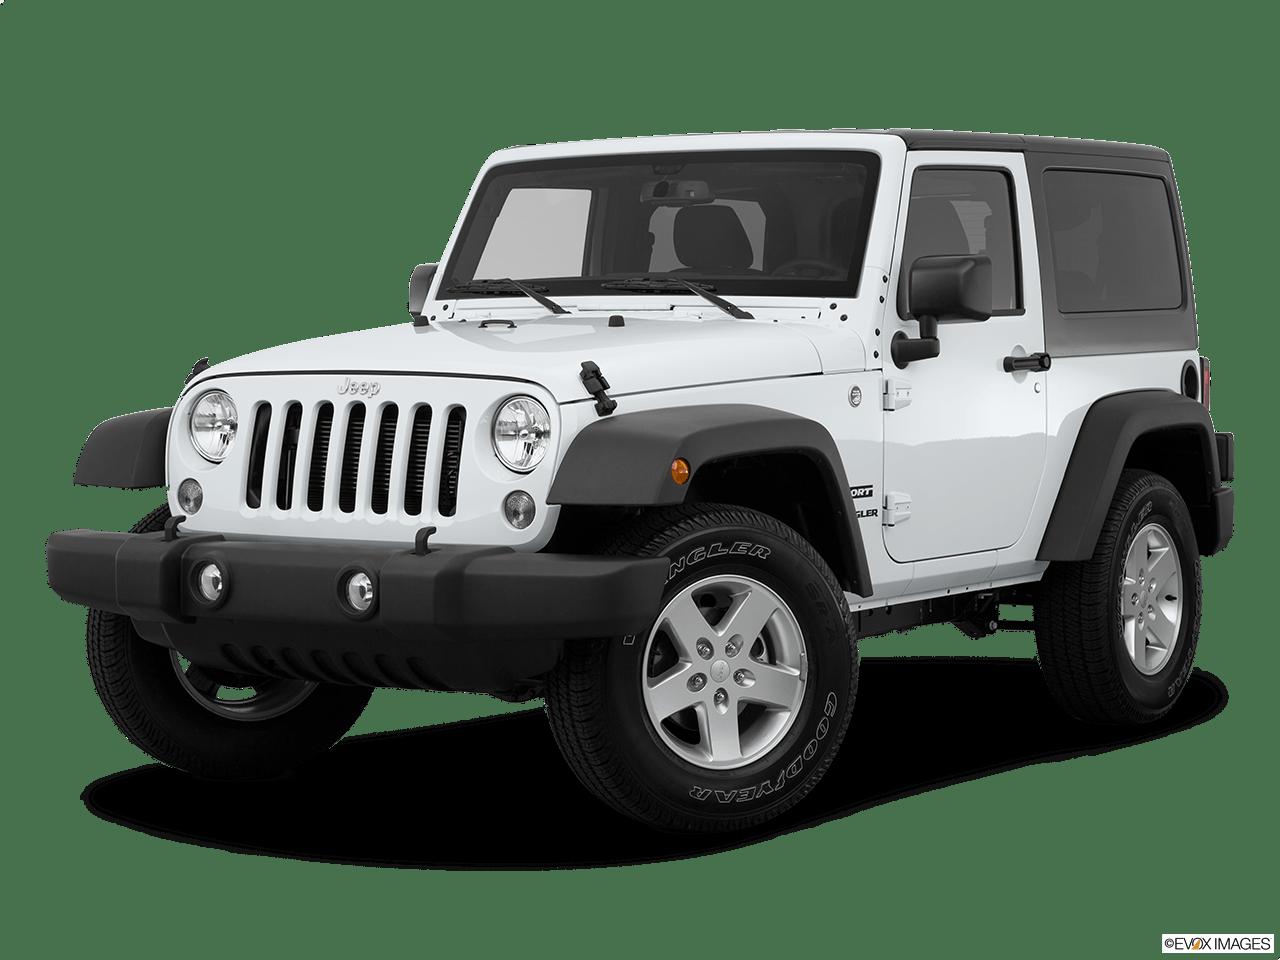 2017 jeep wrangler. Black Bedroom Furniture Sets. Home Design Ideas